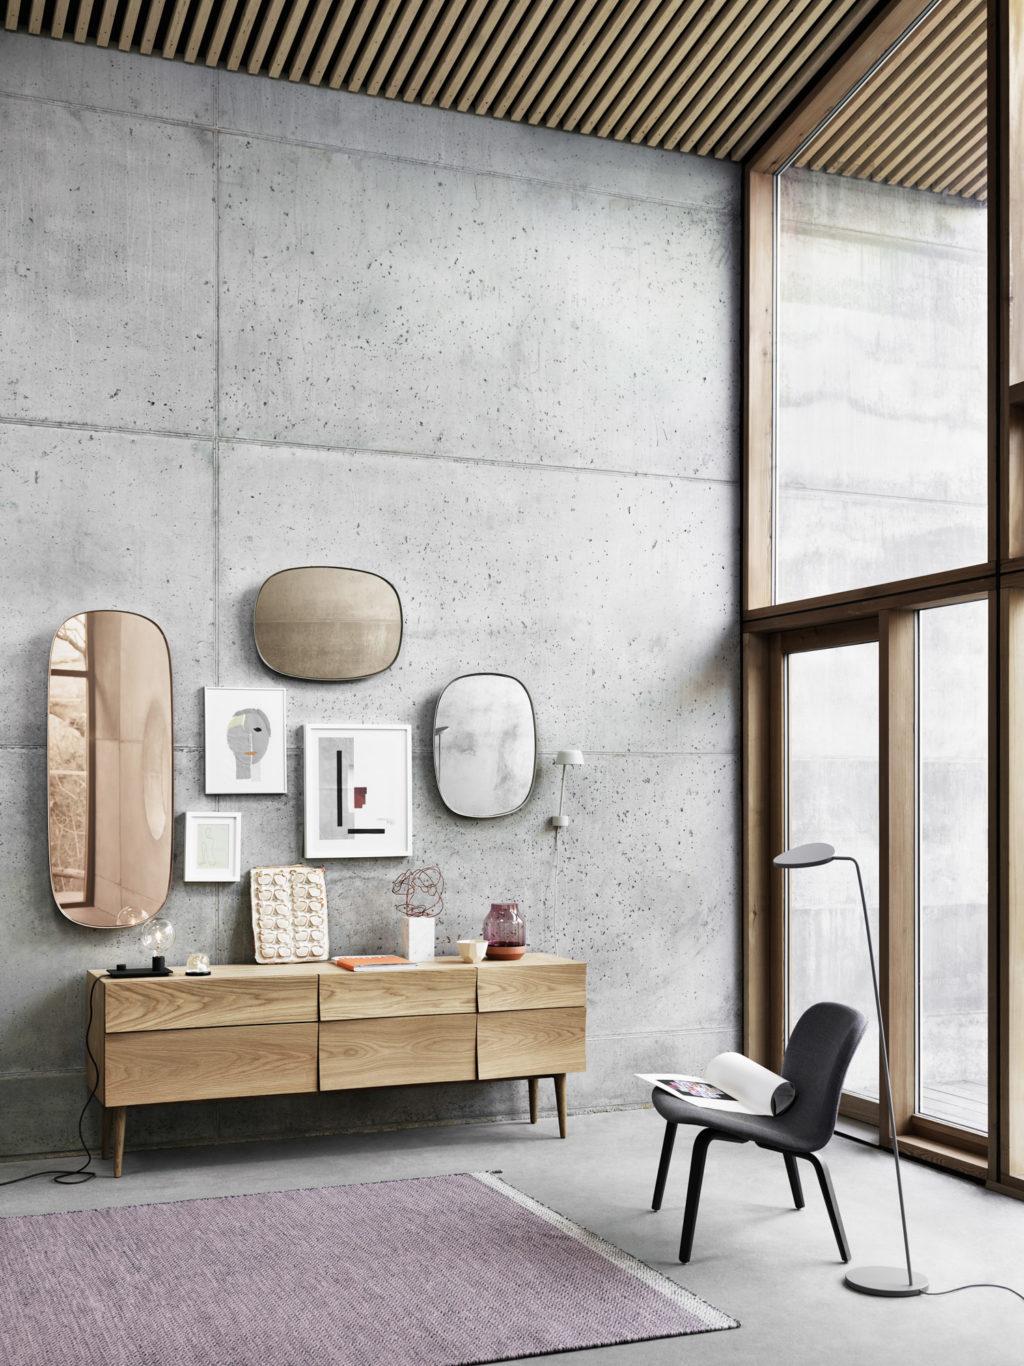 spieglein spieglein an der wand designblog. Black Bedroom Furniture Sets. Home Design Ideas